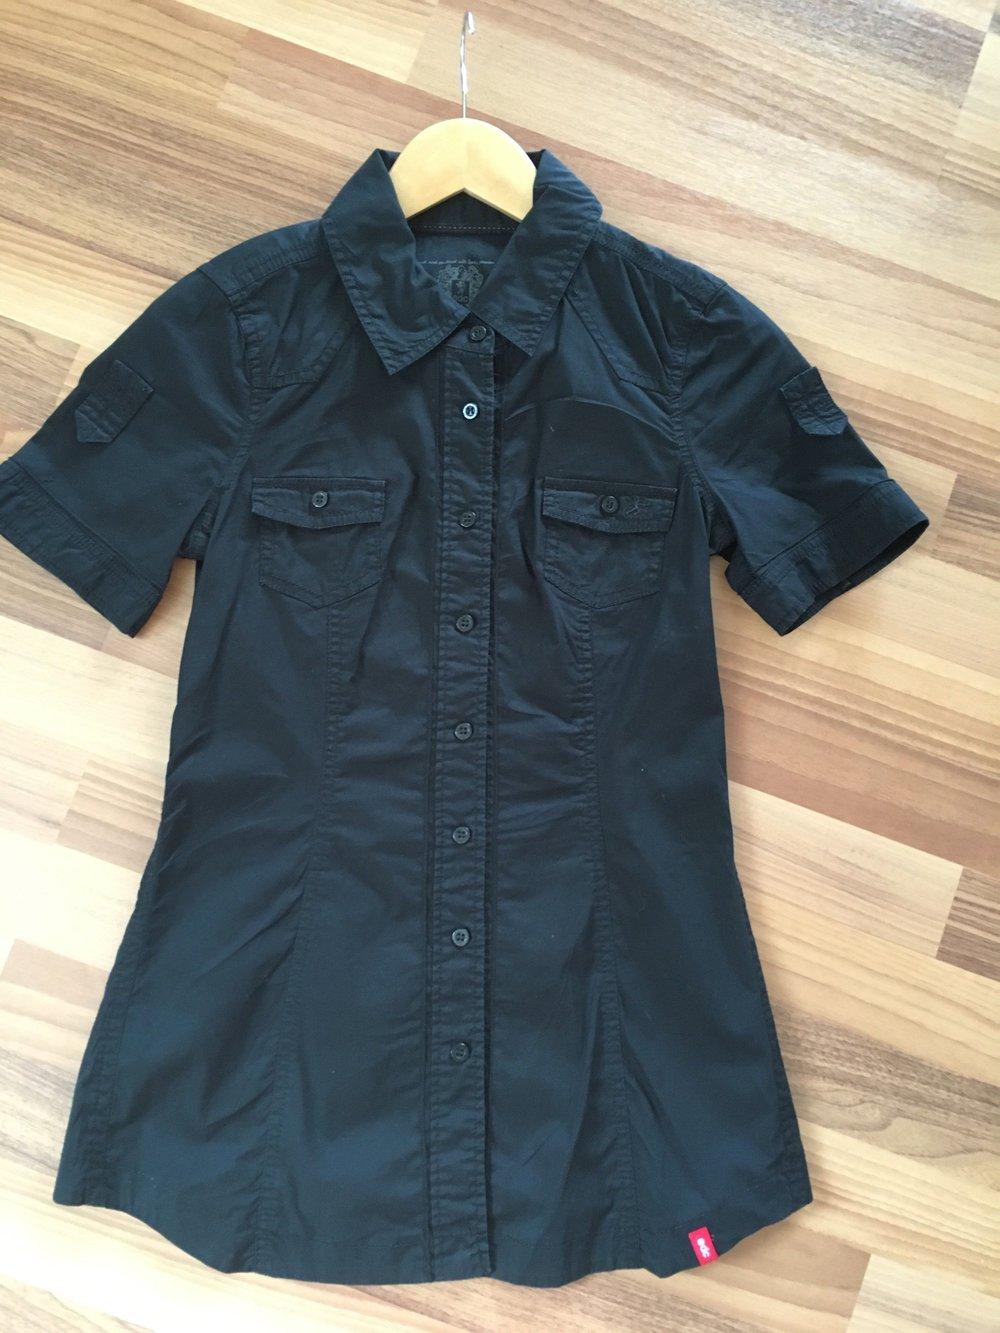 Esprit edc Bluse Damen, Größe XS 34, schwarz, kurzärmlig, kurzarm